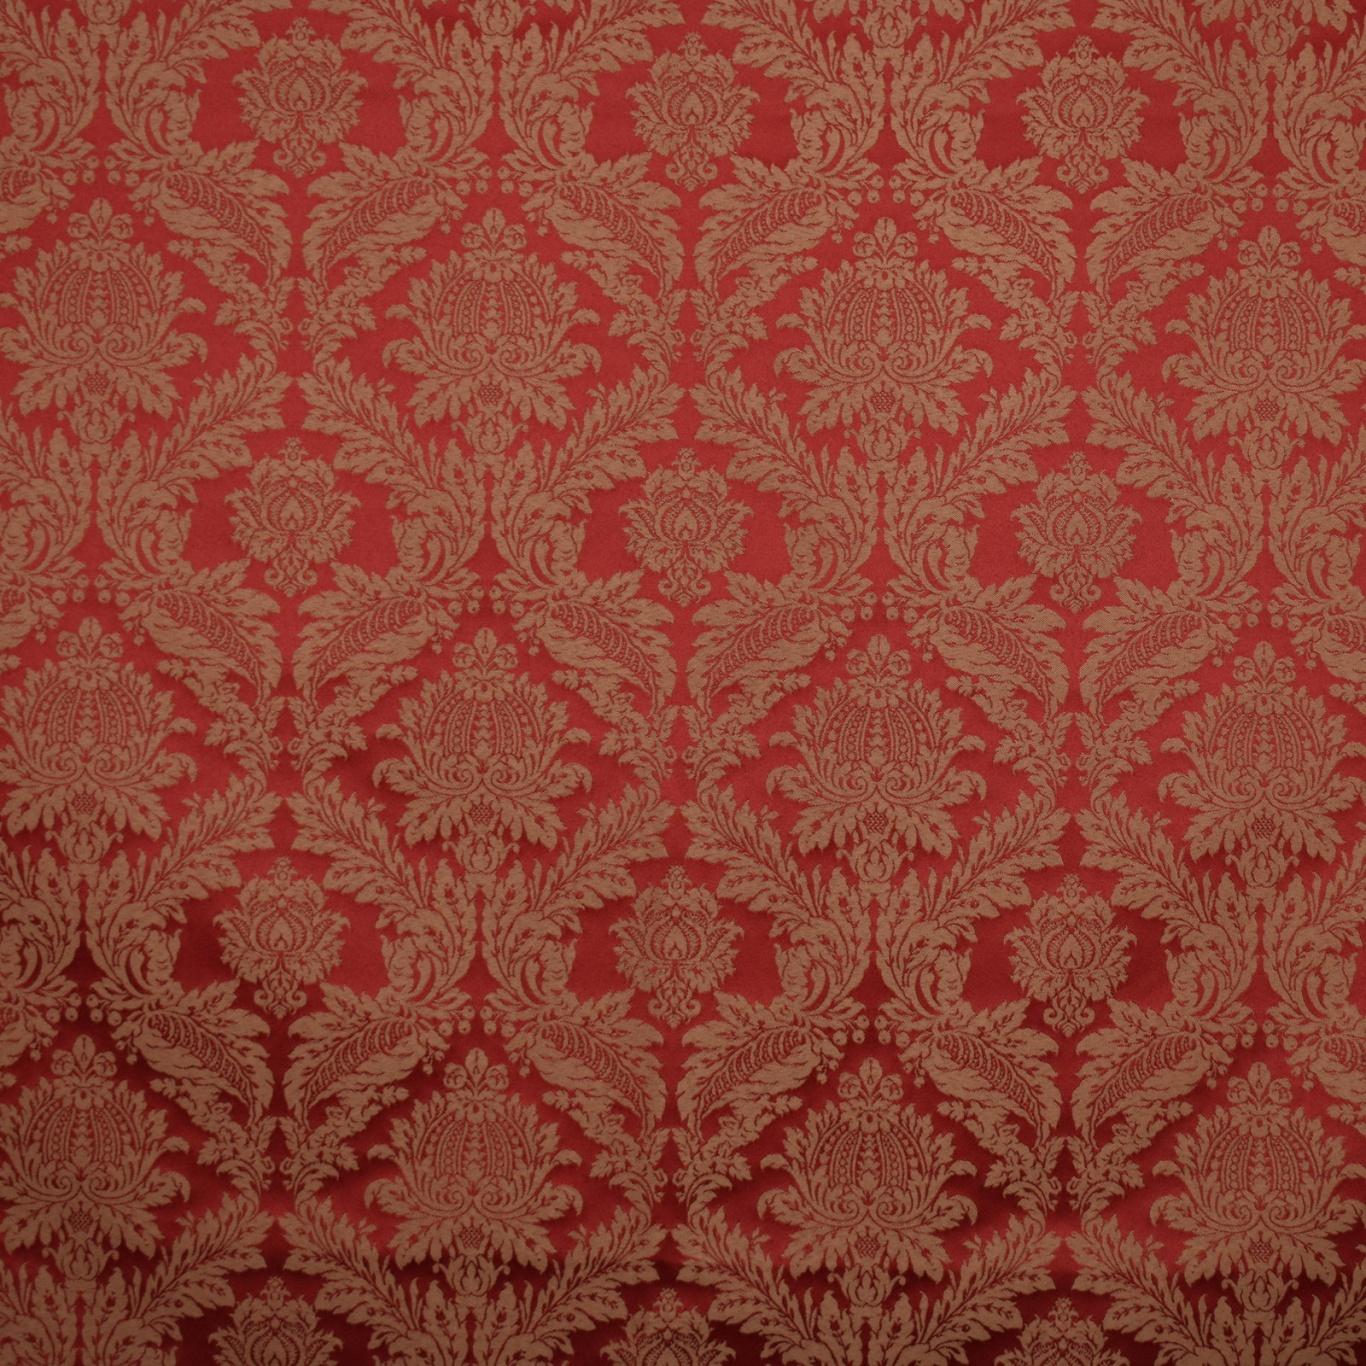 Image of Gordon Smith Damask Red Fabric